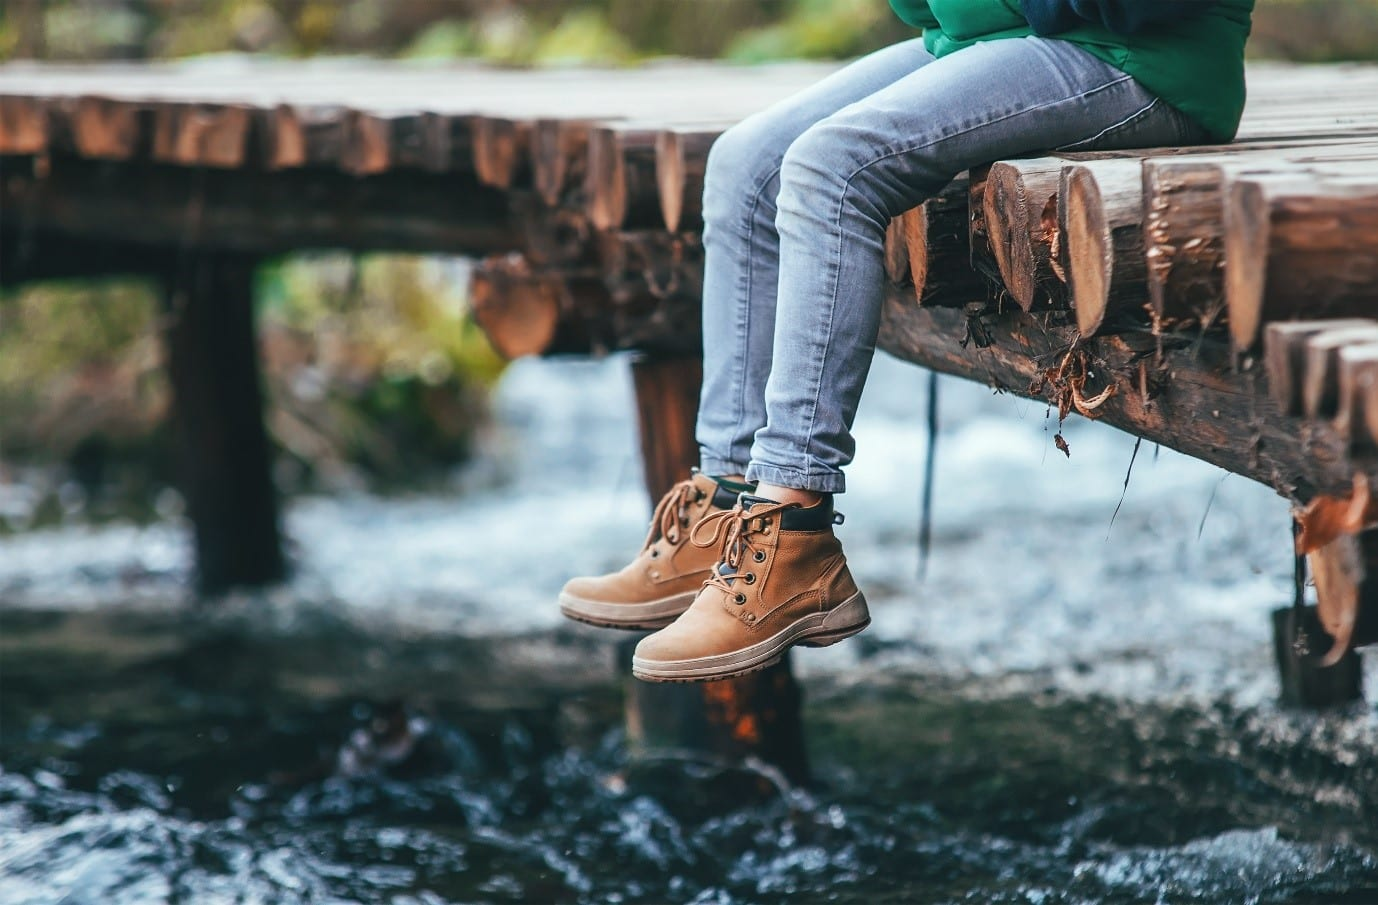 Pevná obuv může být bezpeční i pohodlná.